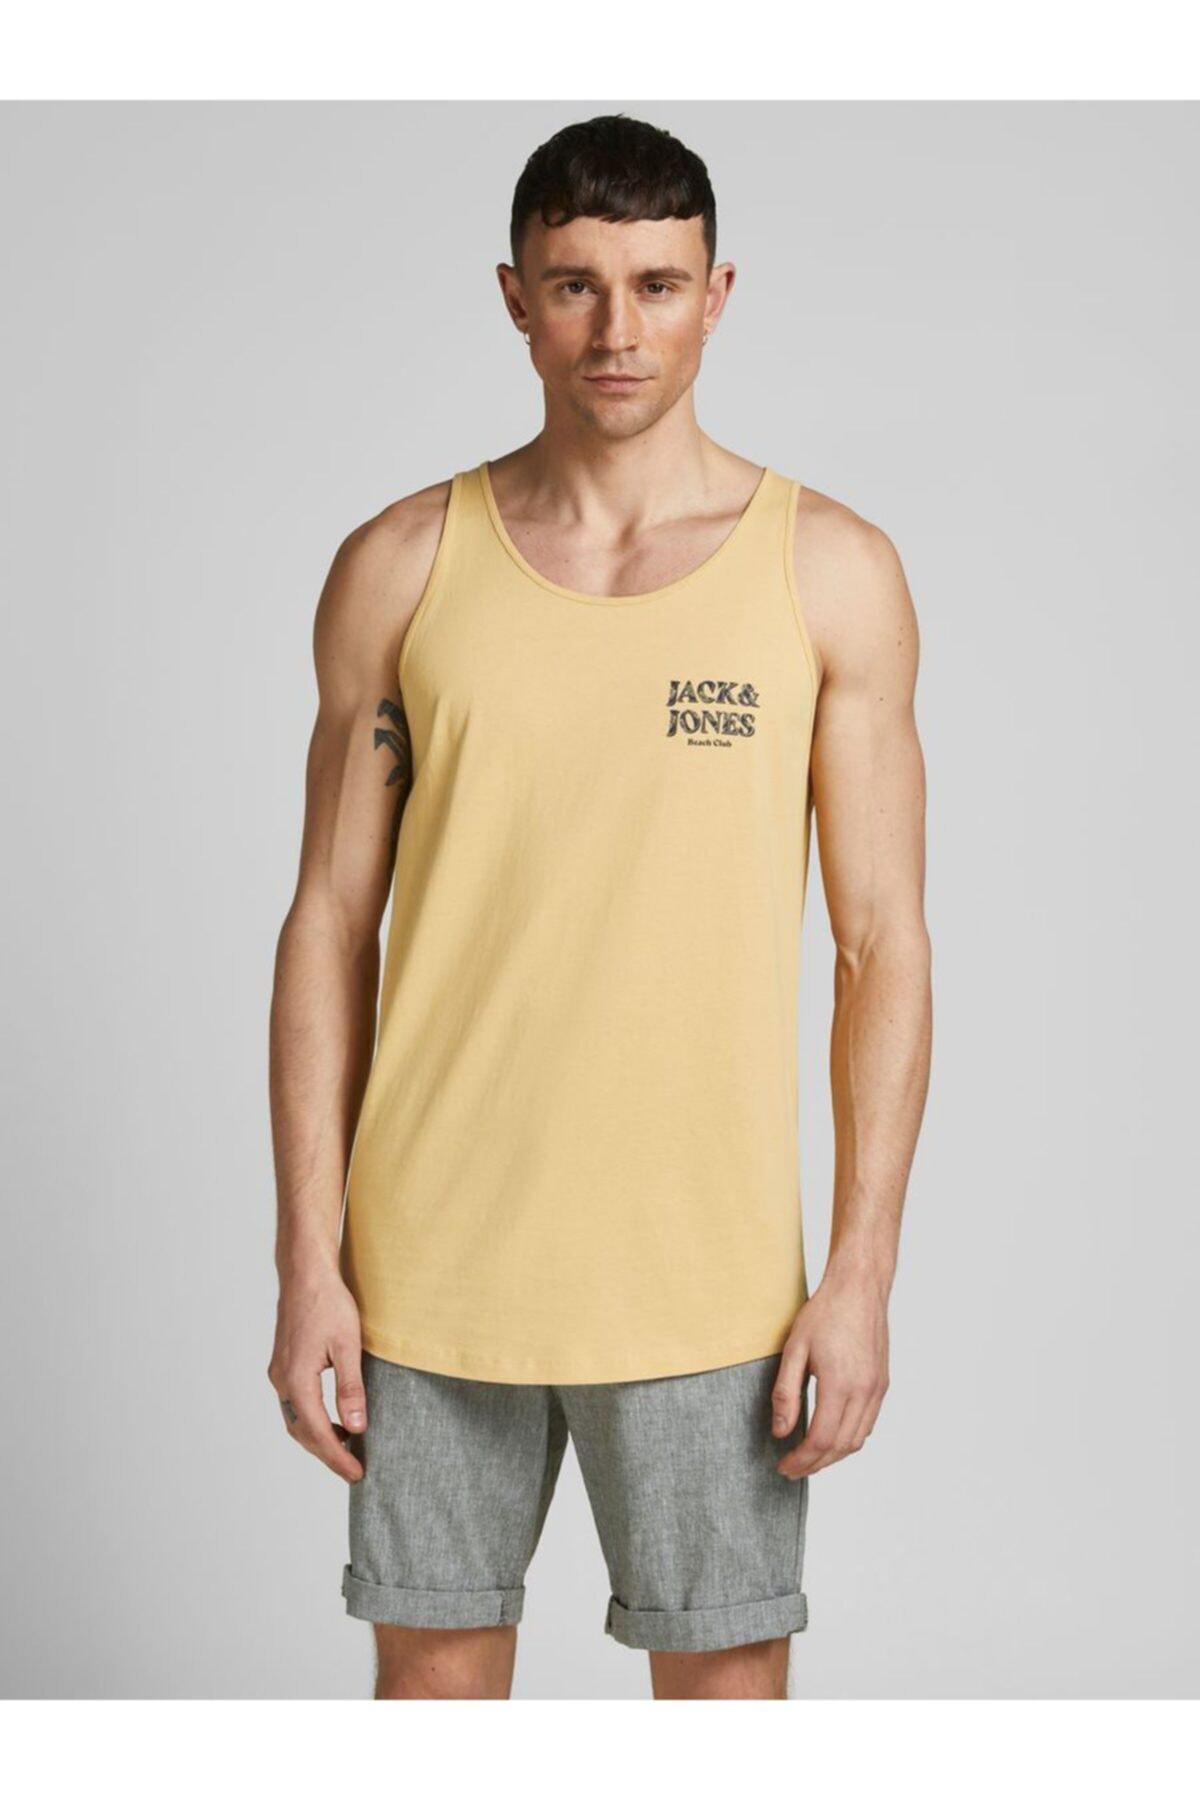 فروش پستی تاپ ورزشی مردانه شیک جدید مارک جک اند جونز رنگ زرد ty108948328